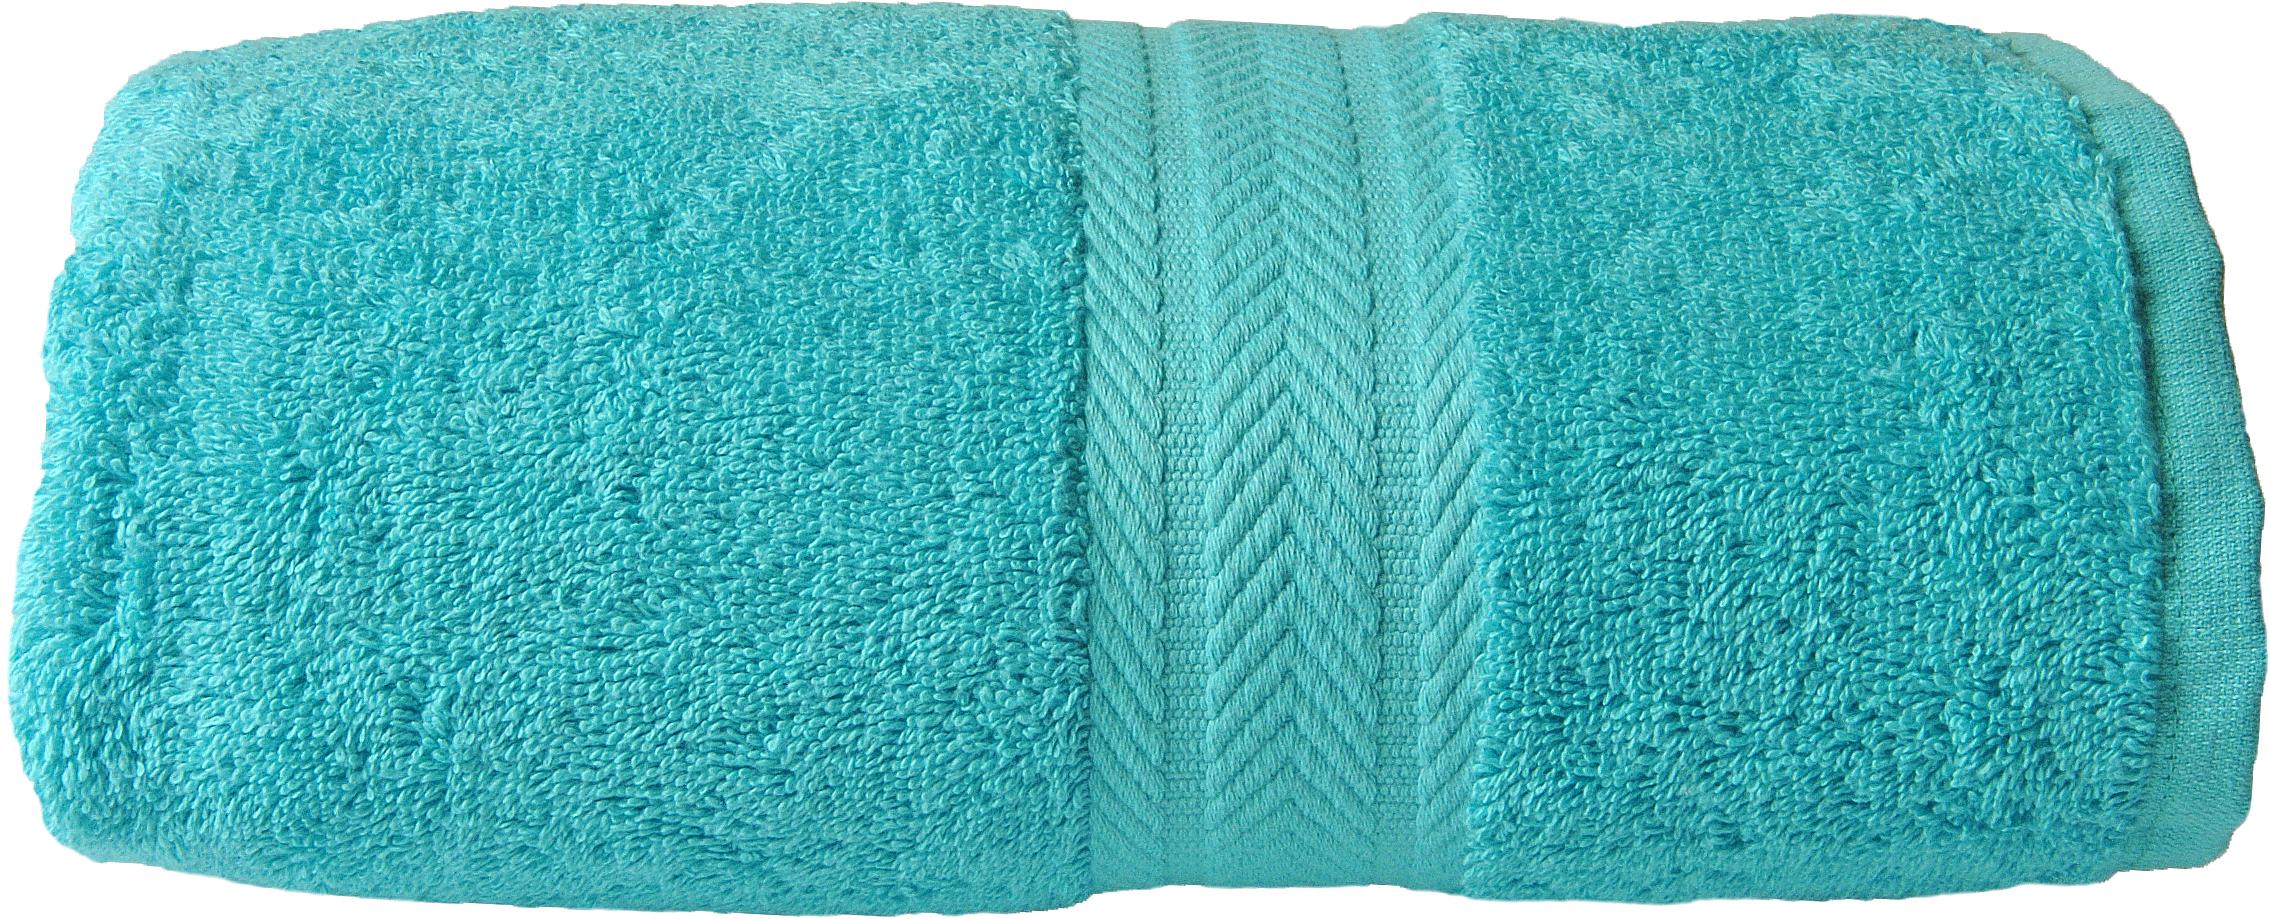 Drap de bain 100 x 150 cm en Coton couleur Bleu turquoise (Bleu Turquoise)